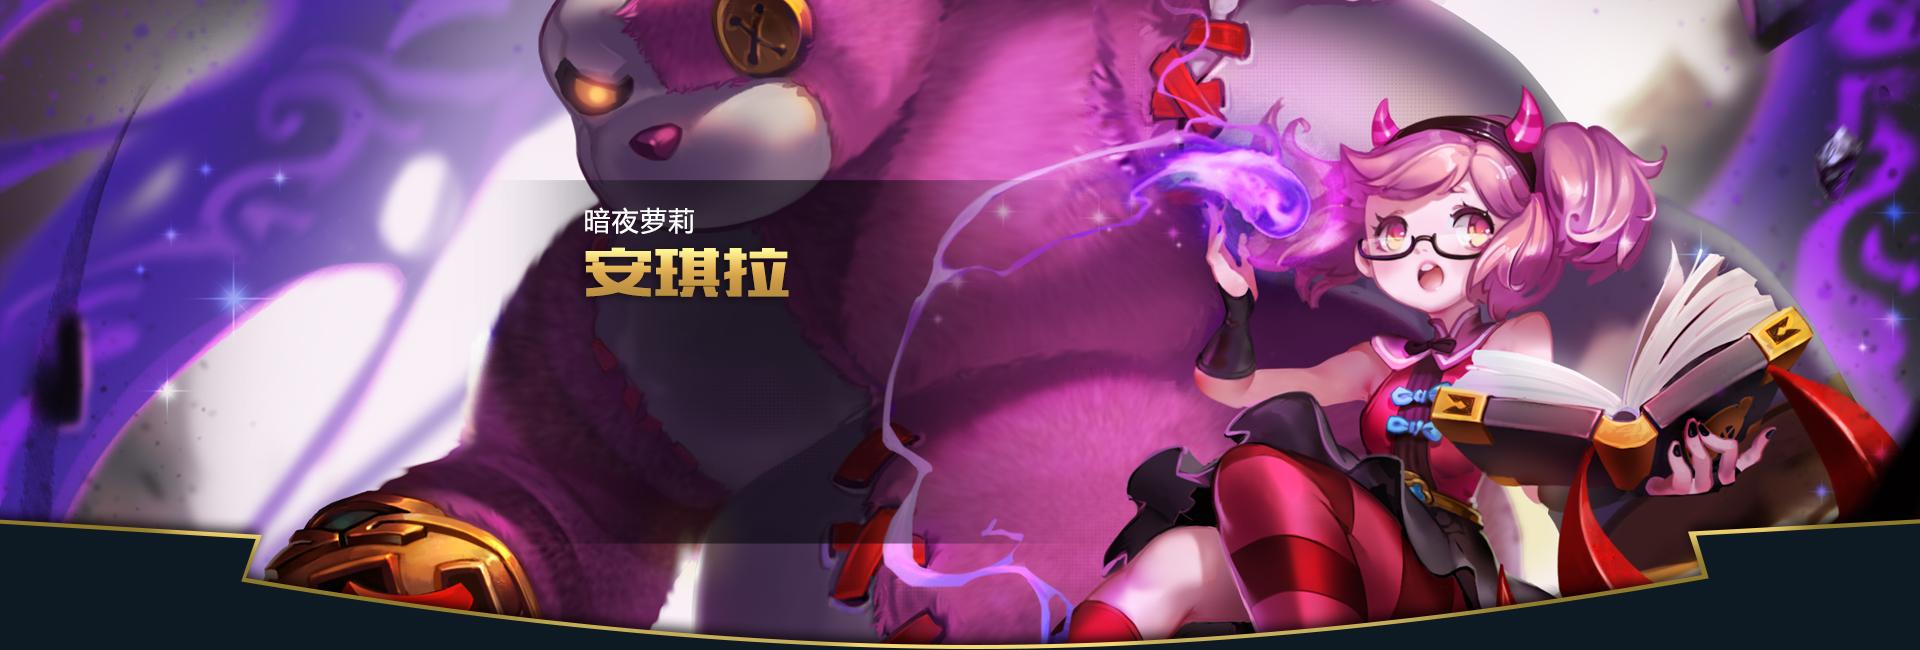 第2弹《王者荣耀英雄皮肤CG》竞技游戏51